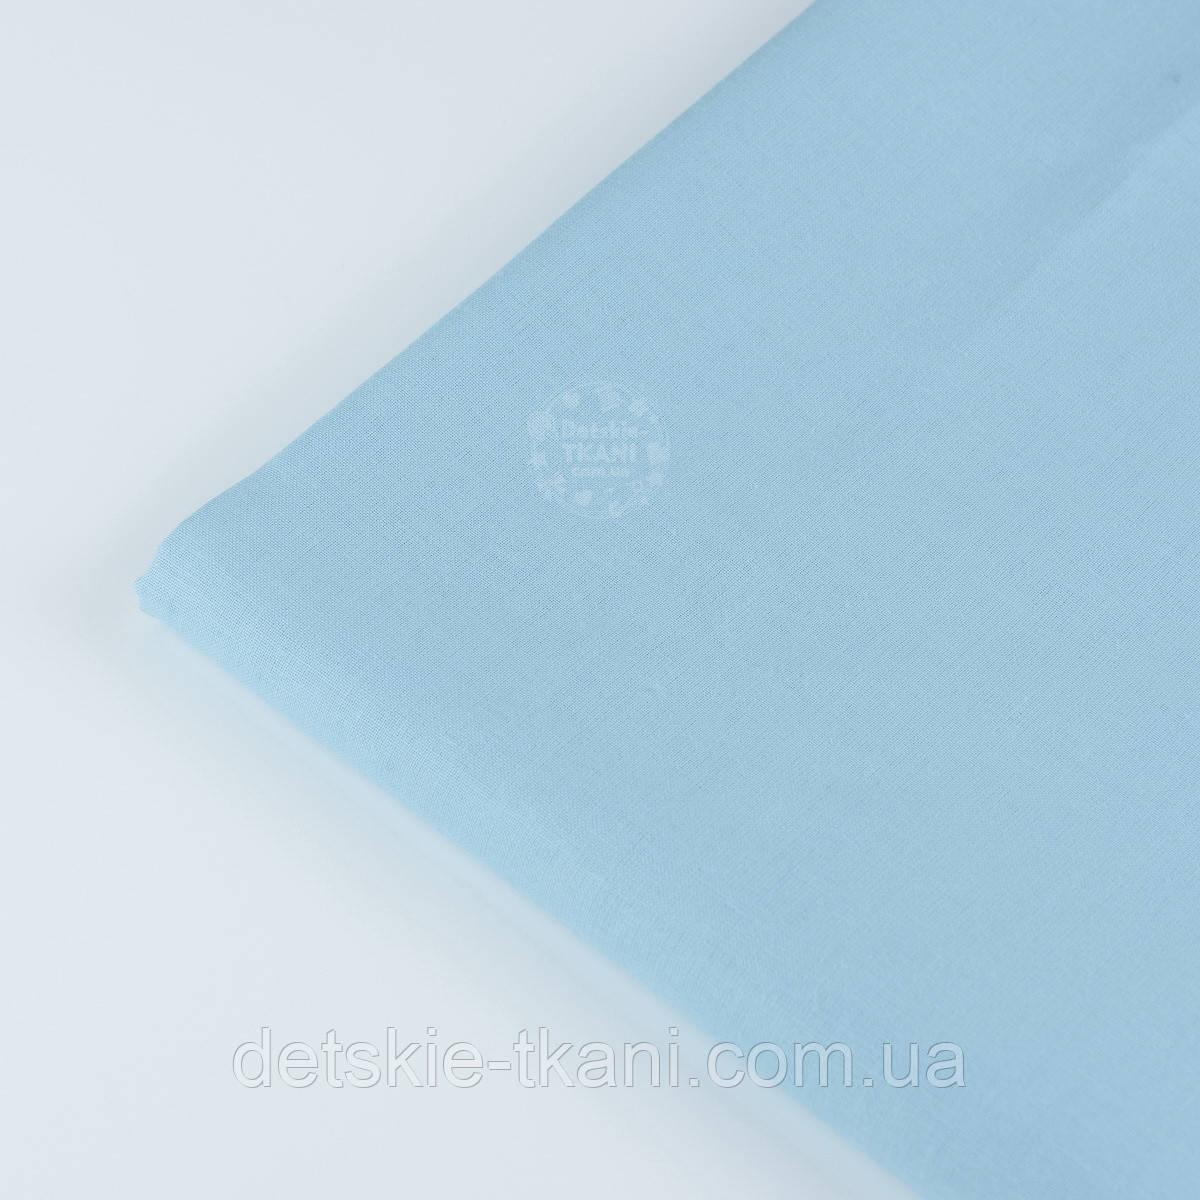 Відріз тканини брудно-блакитного (морського) кольору, №1348а, розмір 160 * 160 см (є брак)